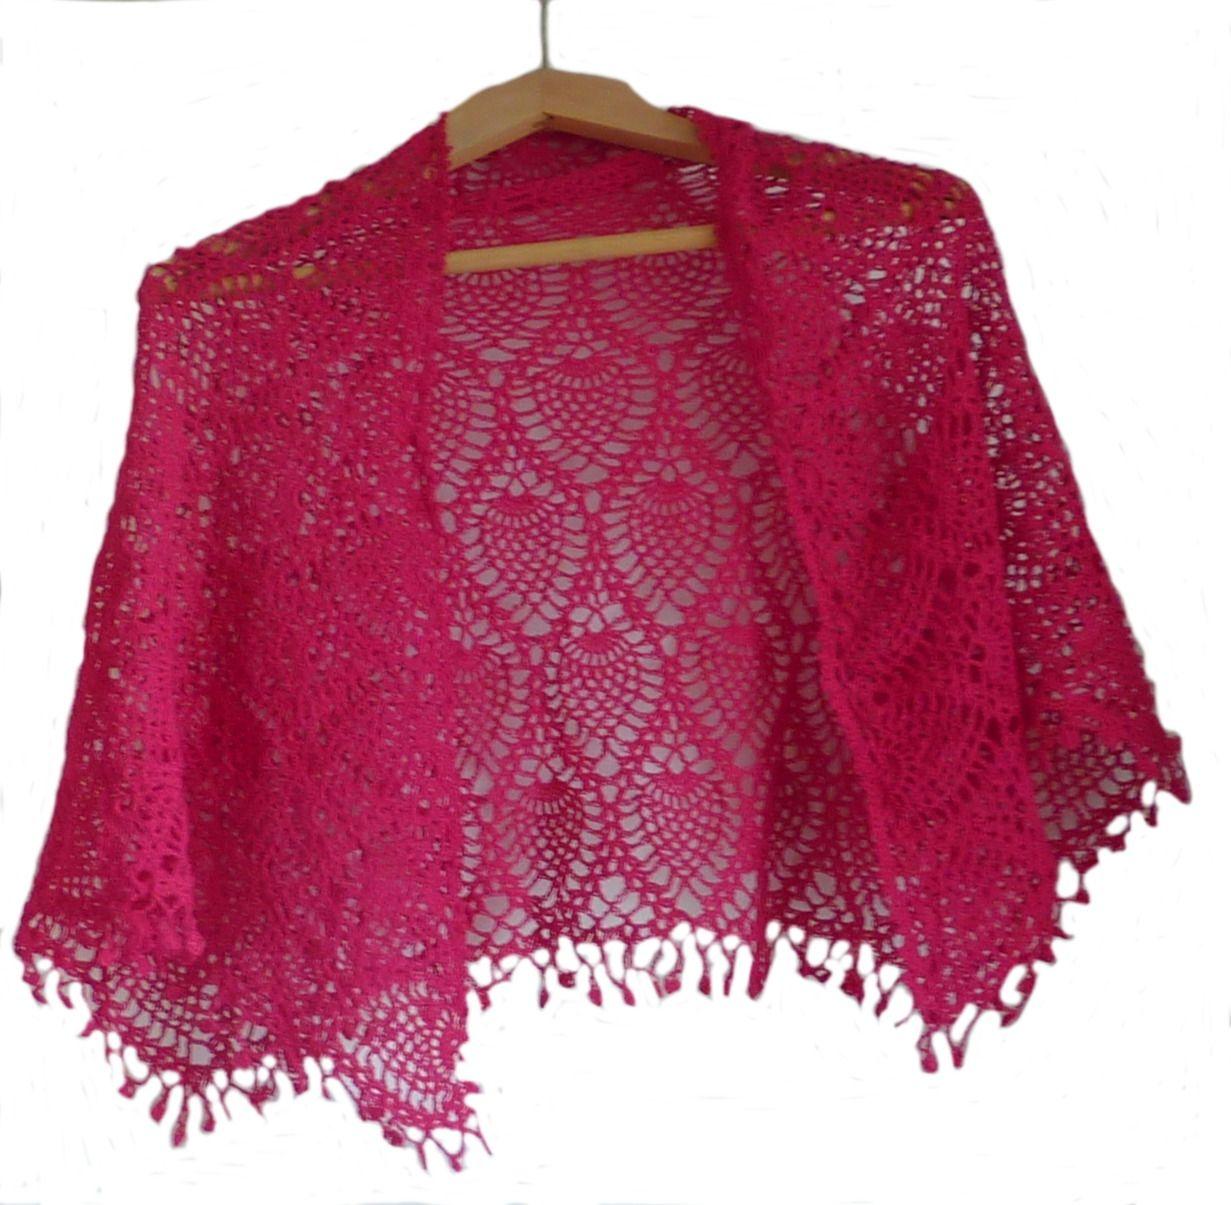 f86bf53e8c41 Nouveauté, Châle bordeaux rouge au crochet motifs ananas   Echarpe,  foulard, cravate par les-envies-de-marie-annick